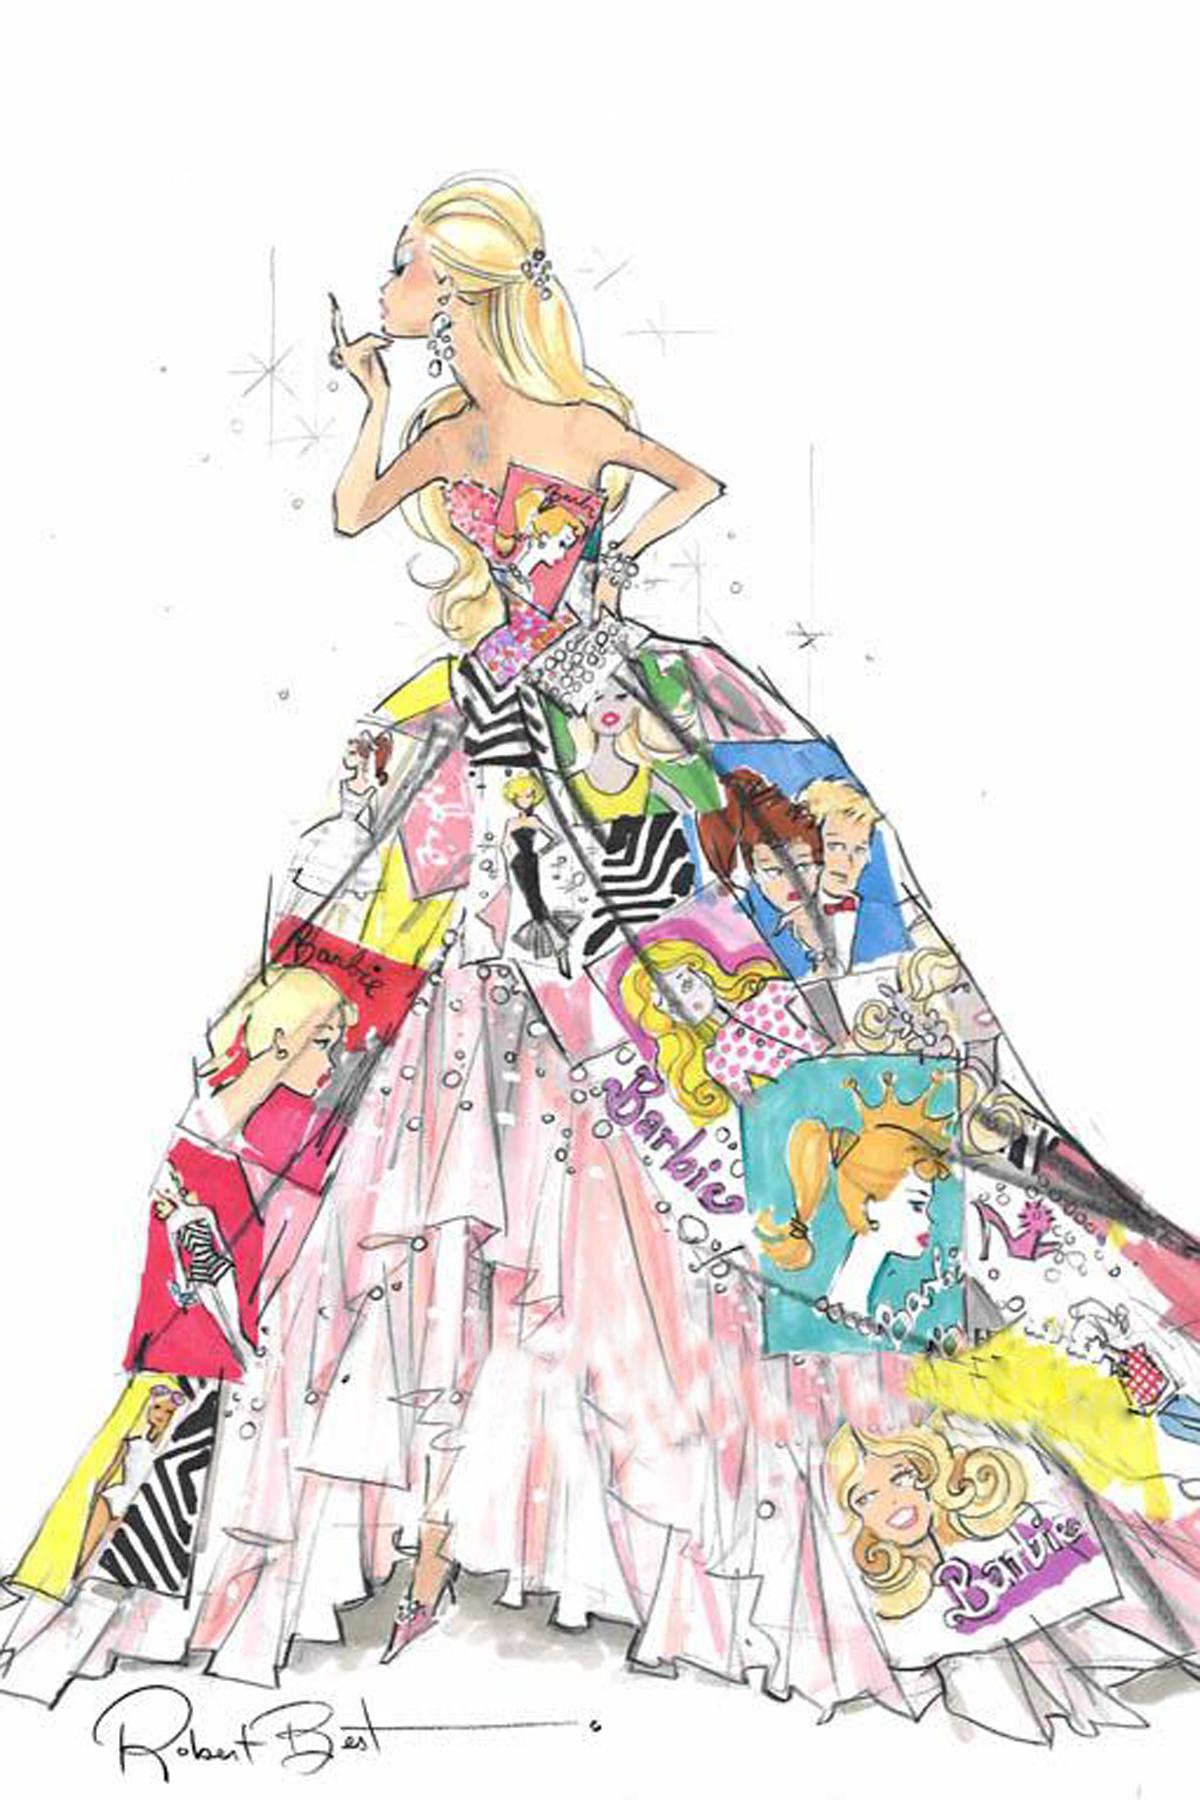 婚纱礼服手稿欣赏 wbr 广州莎丽优丽婚纱礼服高级设计定制